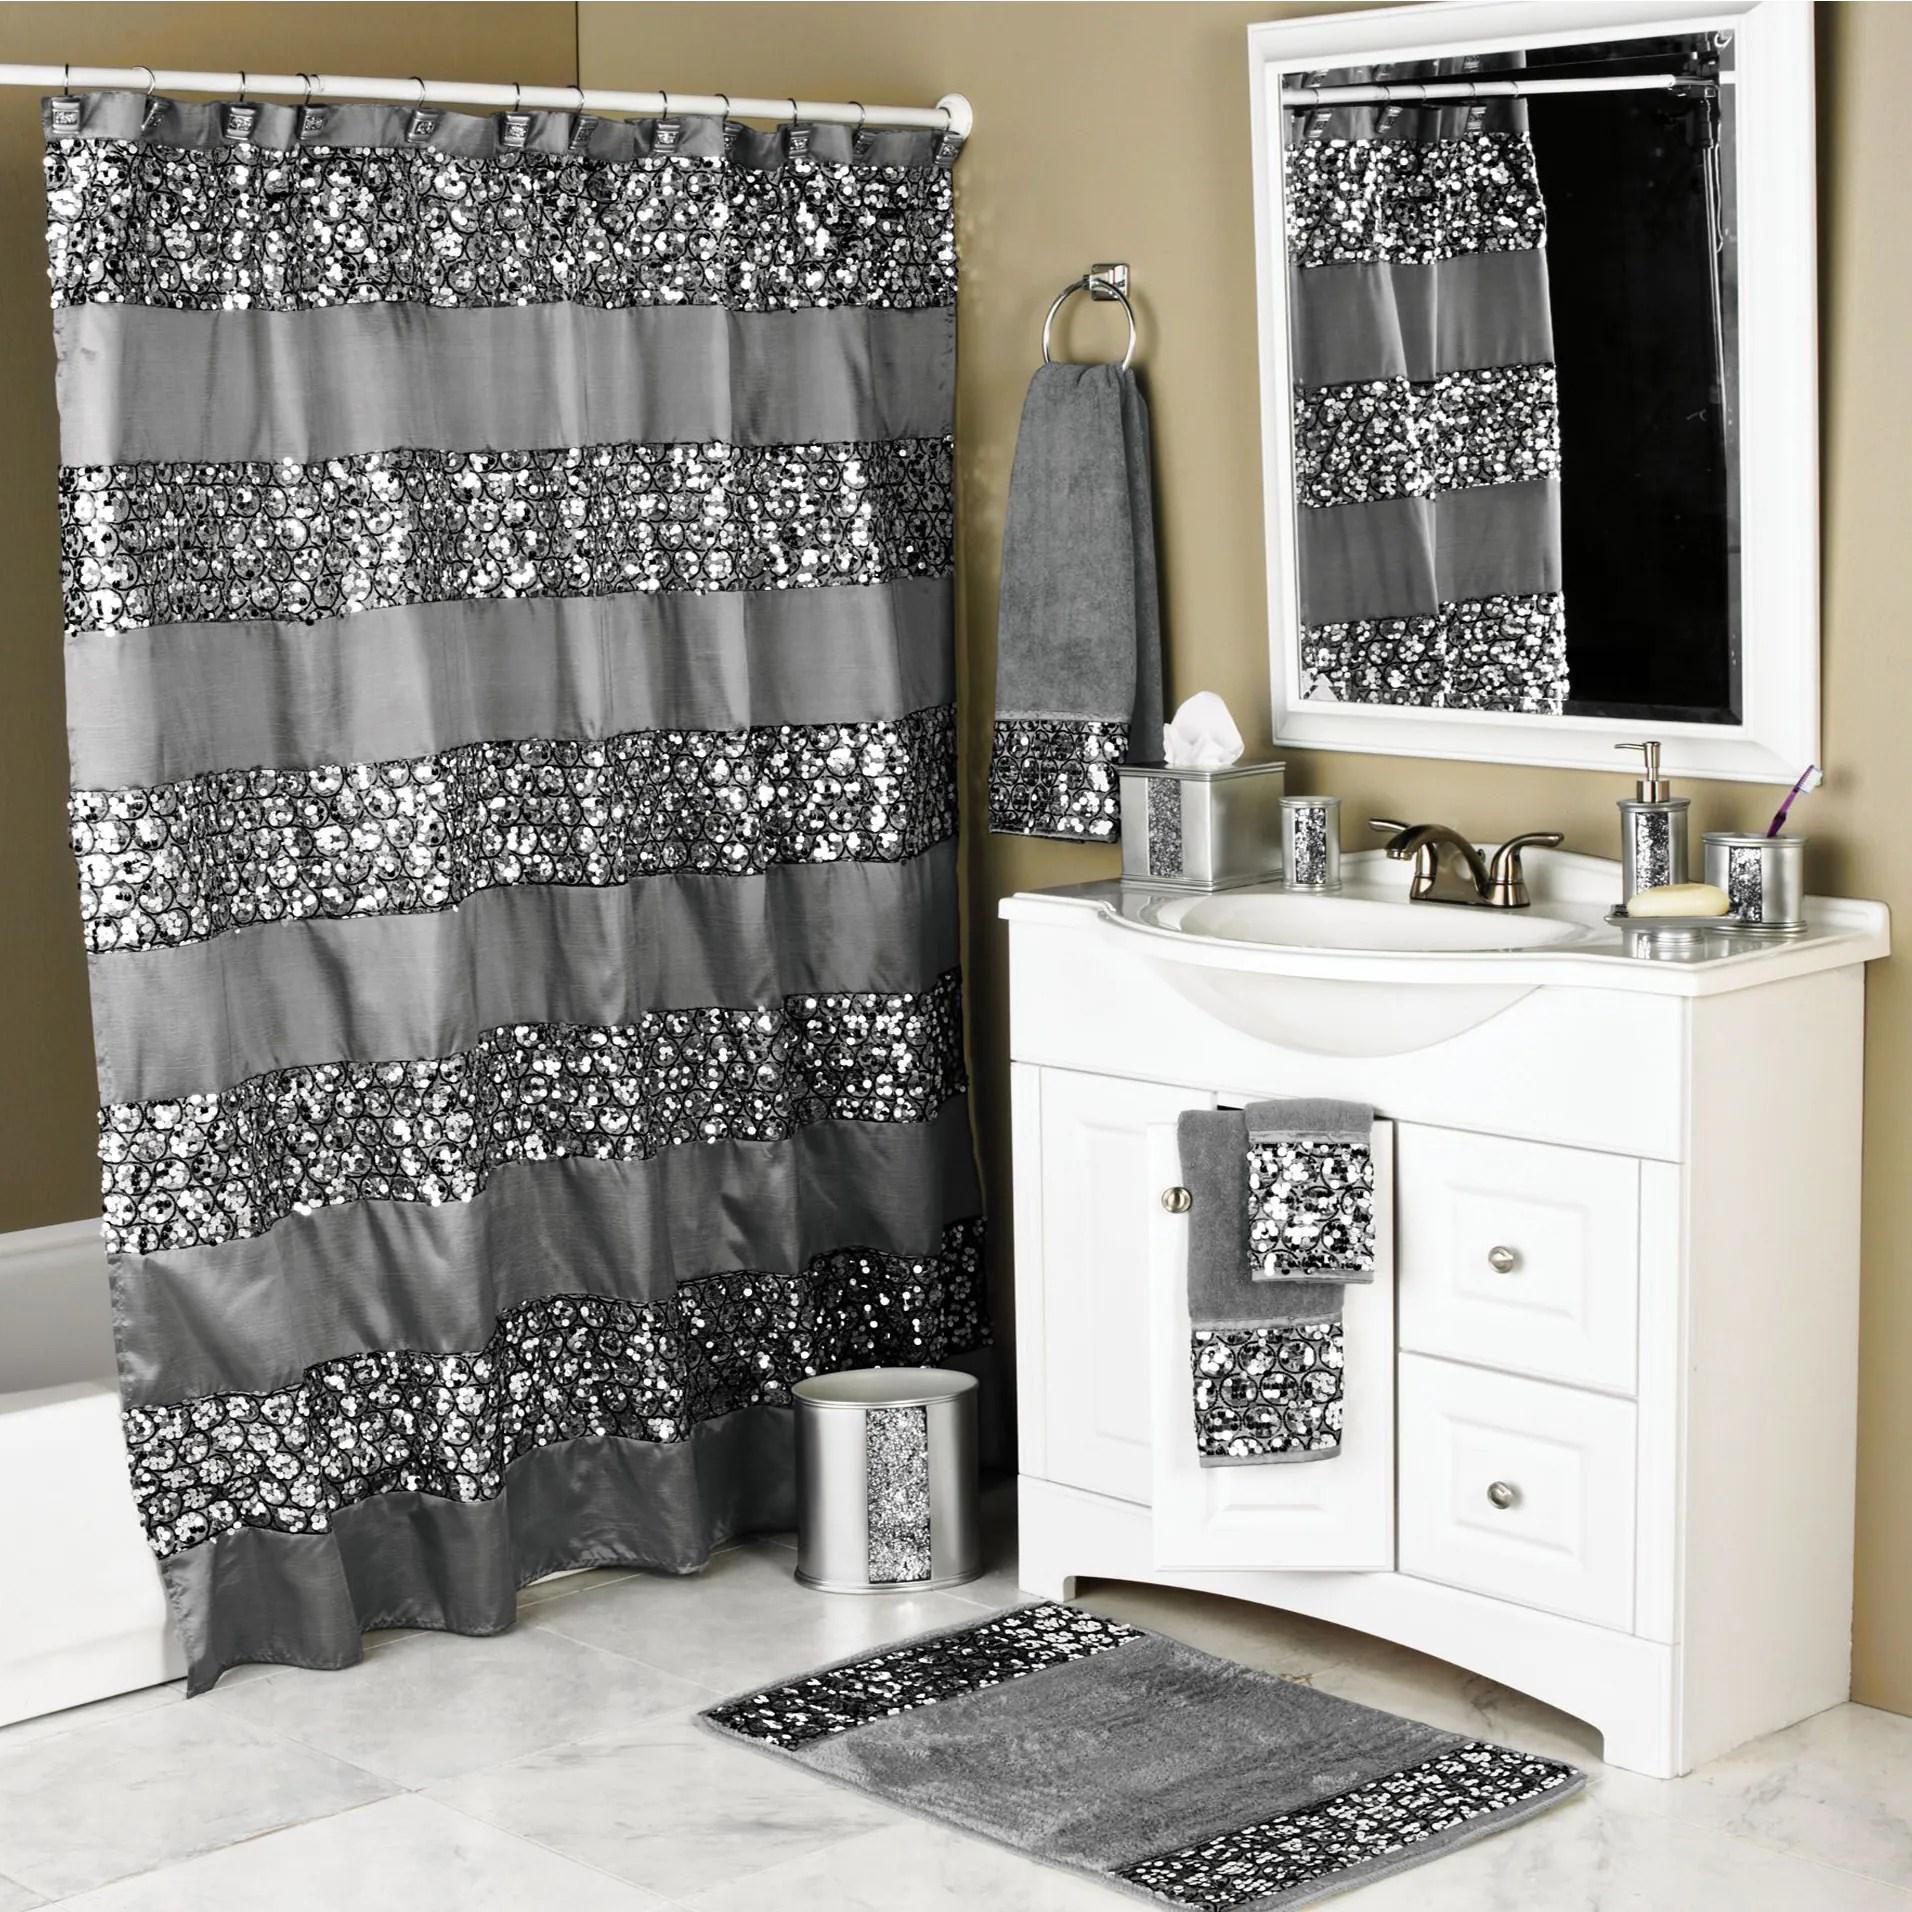 متمرس discount shower curtains